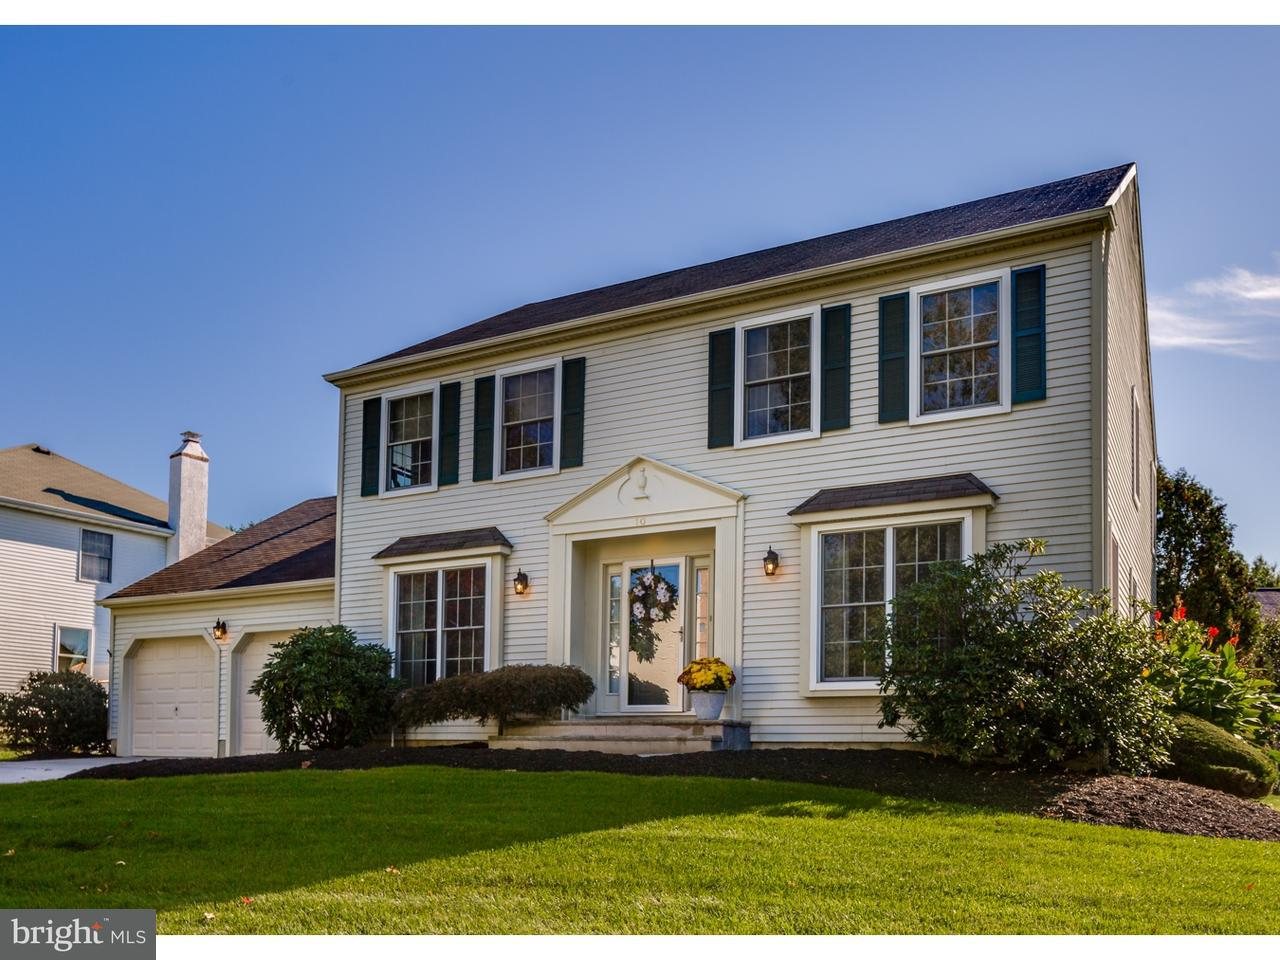 Частный односемейный дом для того Продажа на 10 COUNTRY SQUIRE Lane Evesham, Нью-Джерси 08053 Соединенные Штаты